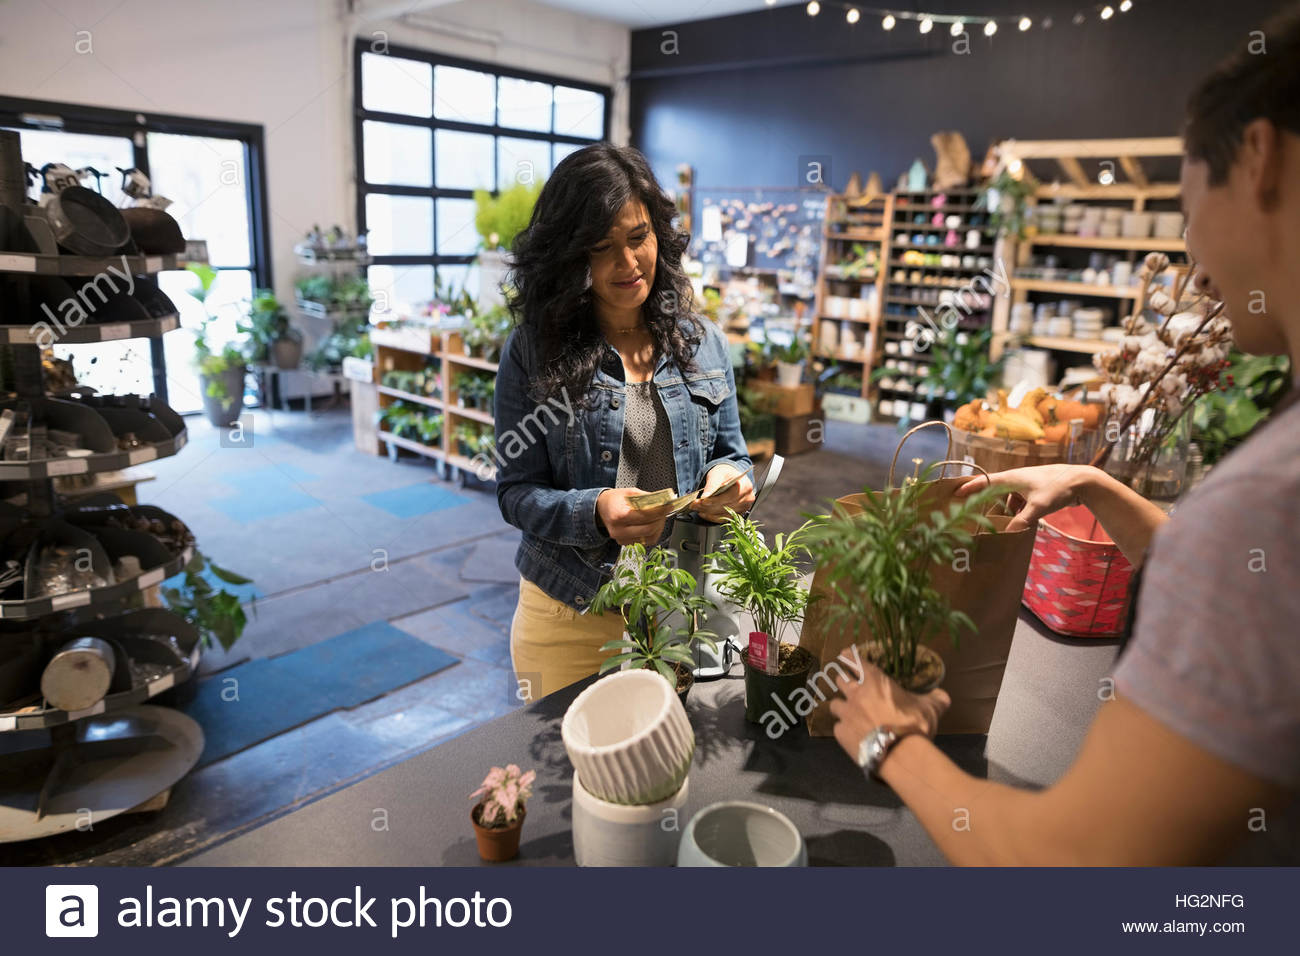 Männliche Shop Besitzer helfen Kundin Pflanzen an der Ladentheke kaufen Stockbild